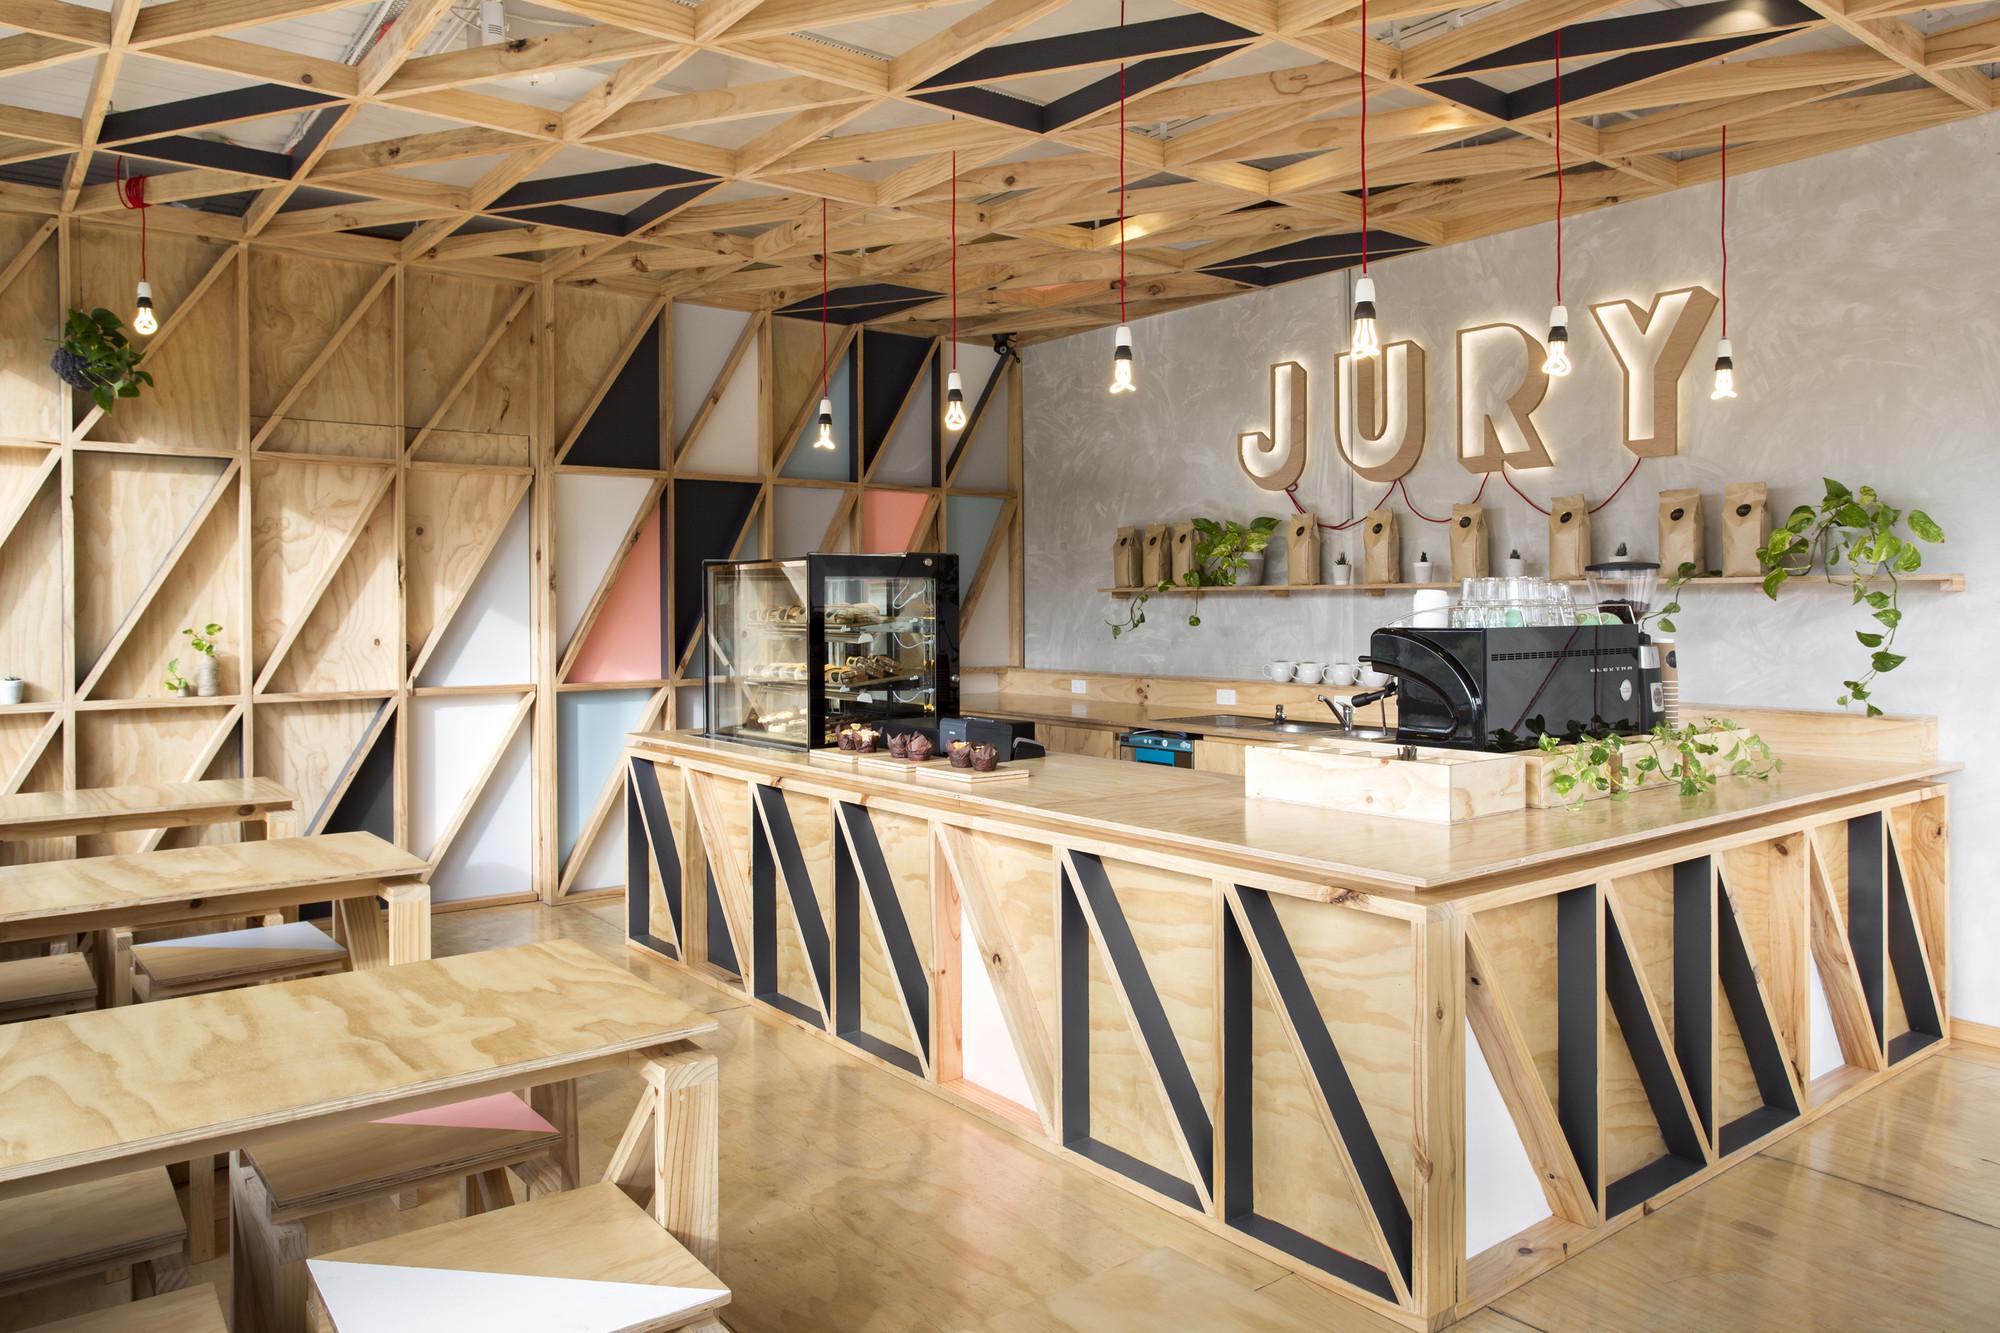 biasol jury 002 Jury / Biasol: Design Studio